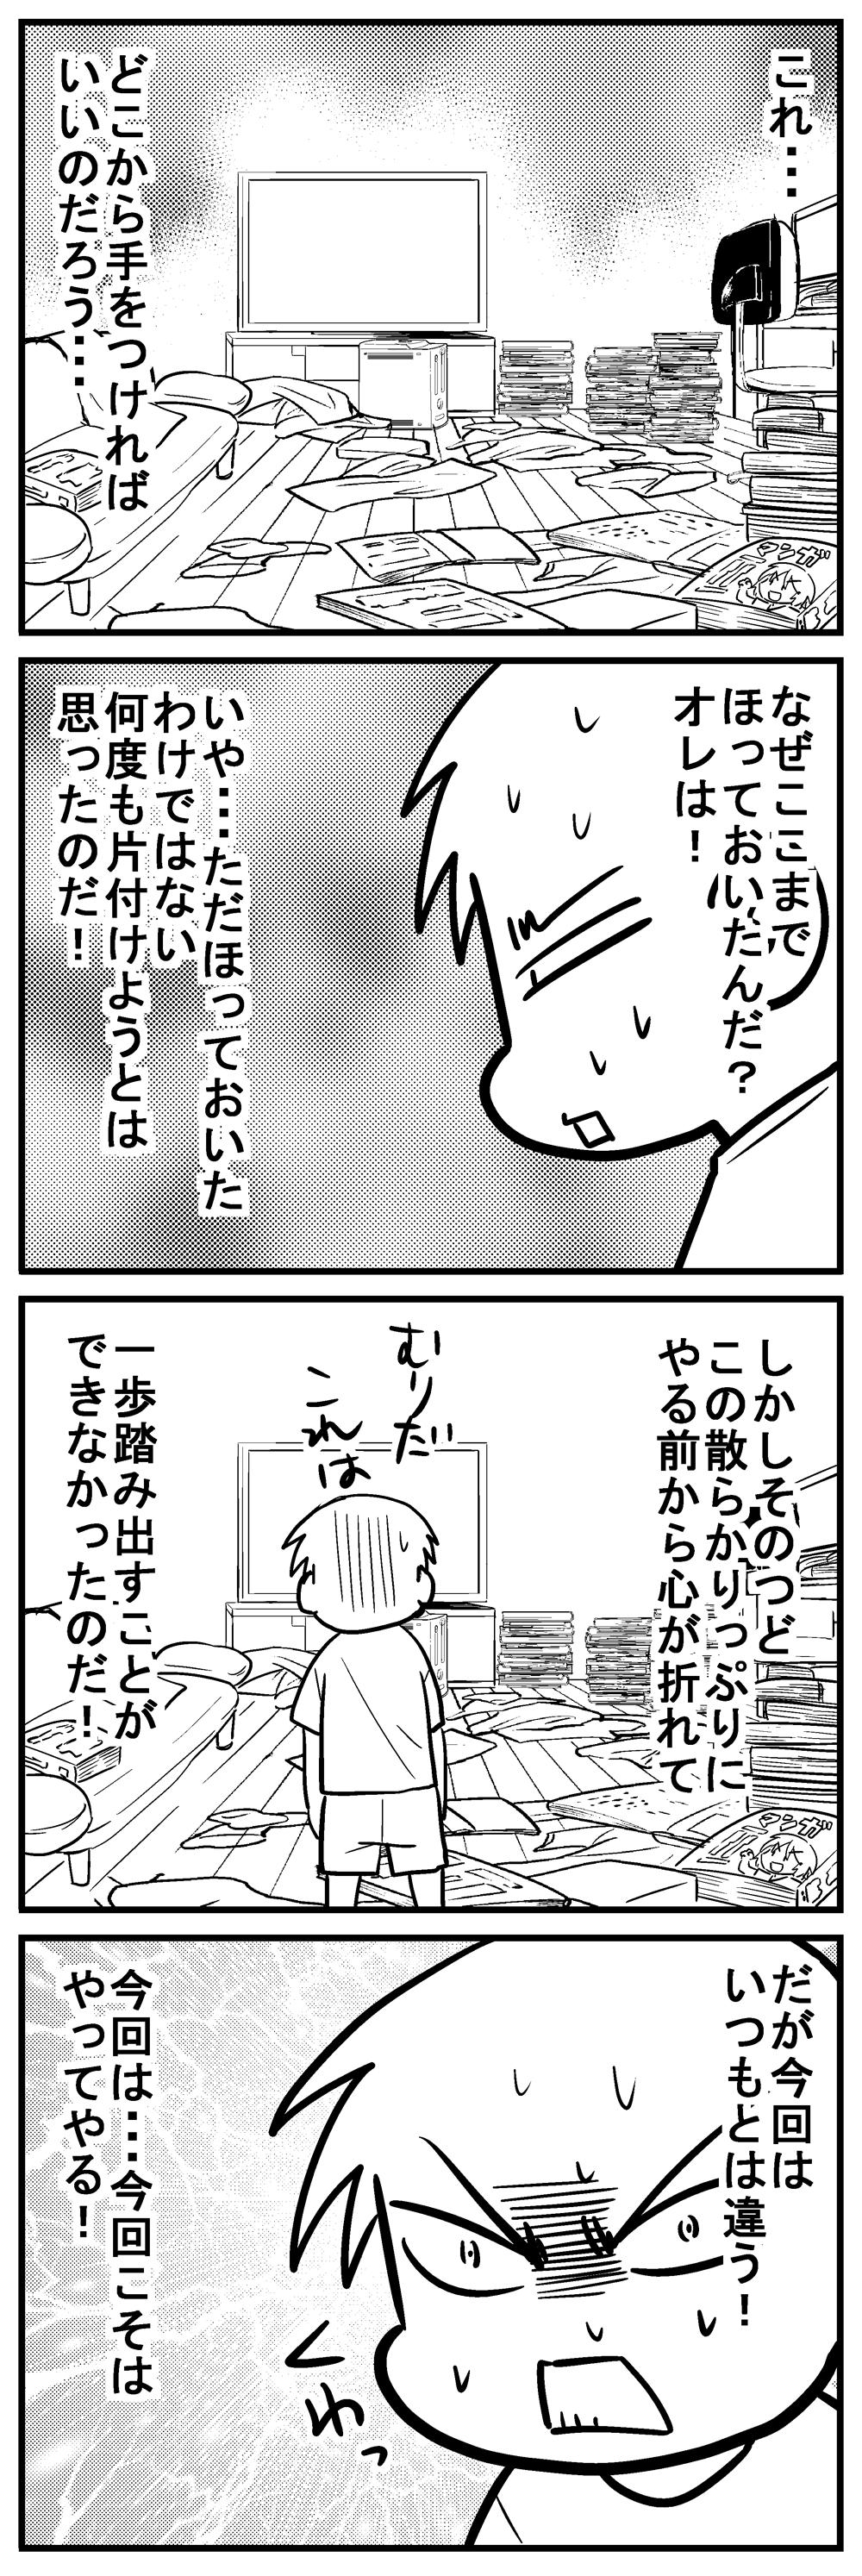 深読みくん74-2